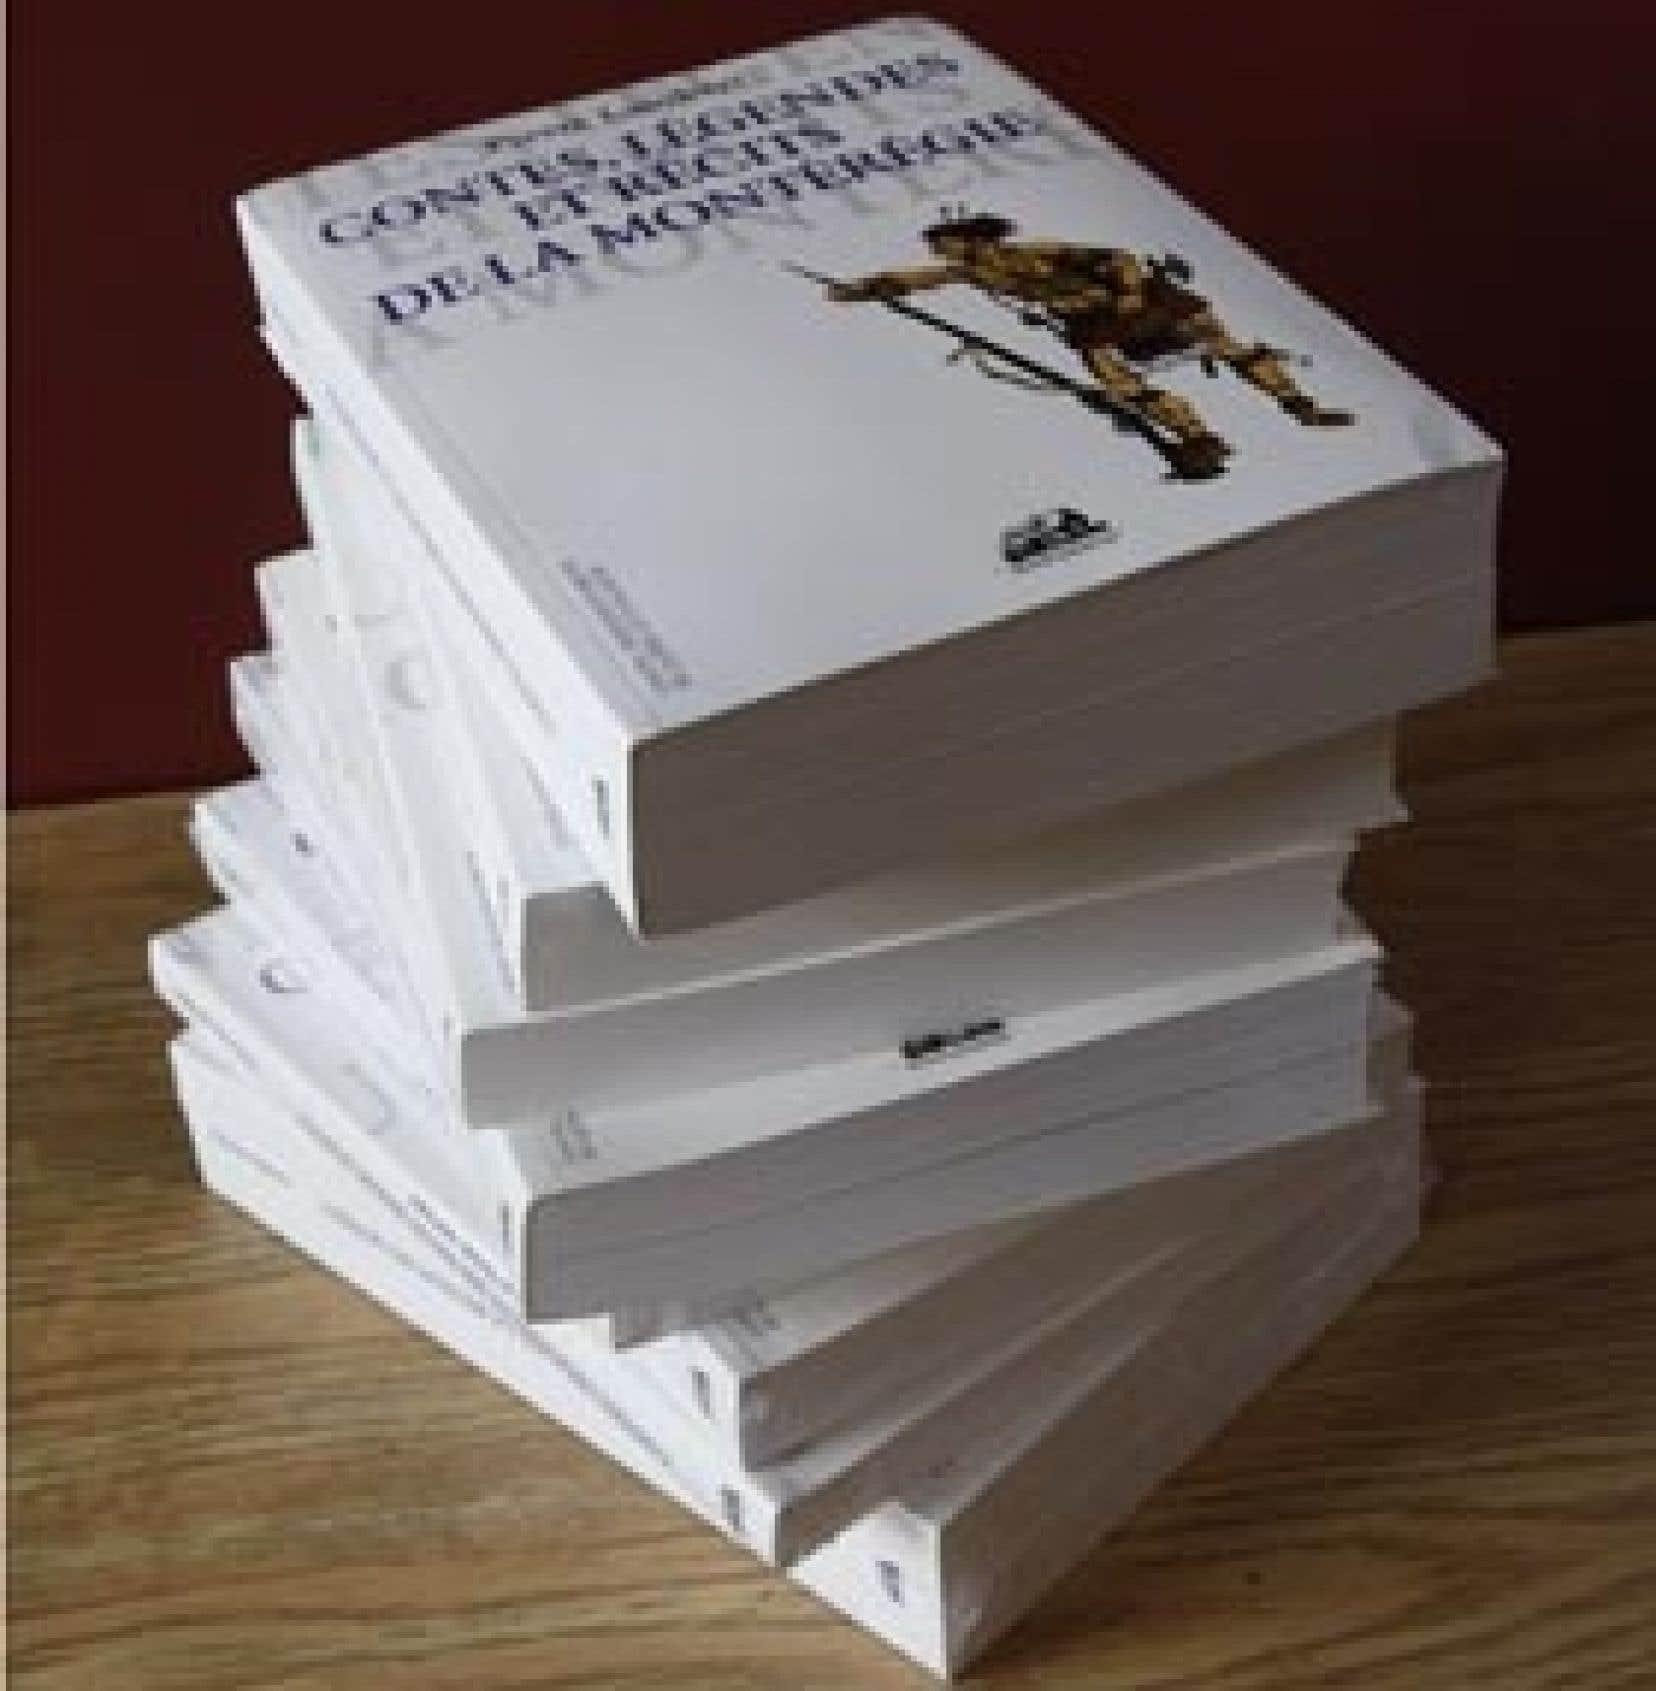 Contes, légendes et récits de la Montérégie fait partie d'une impressionnante collection que les Éditions Trois-Pistoles, dirigées par Victor-Lévy Beaulieu, ont lancée en 2004.